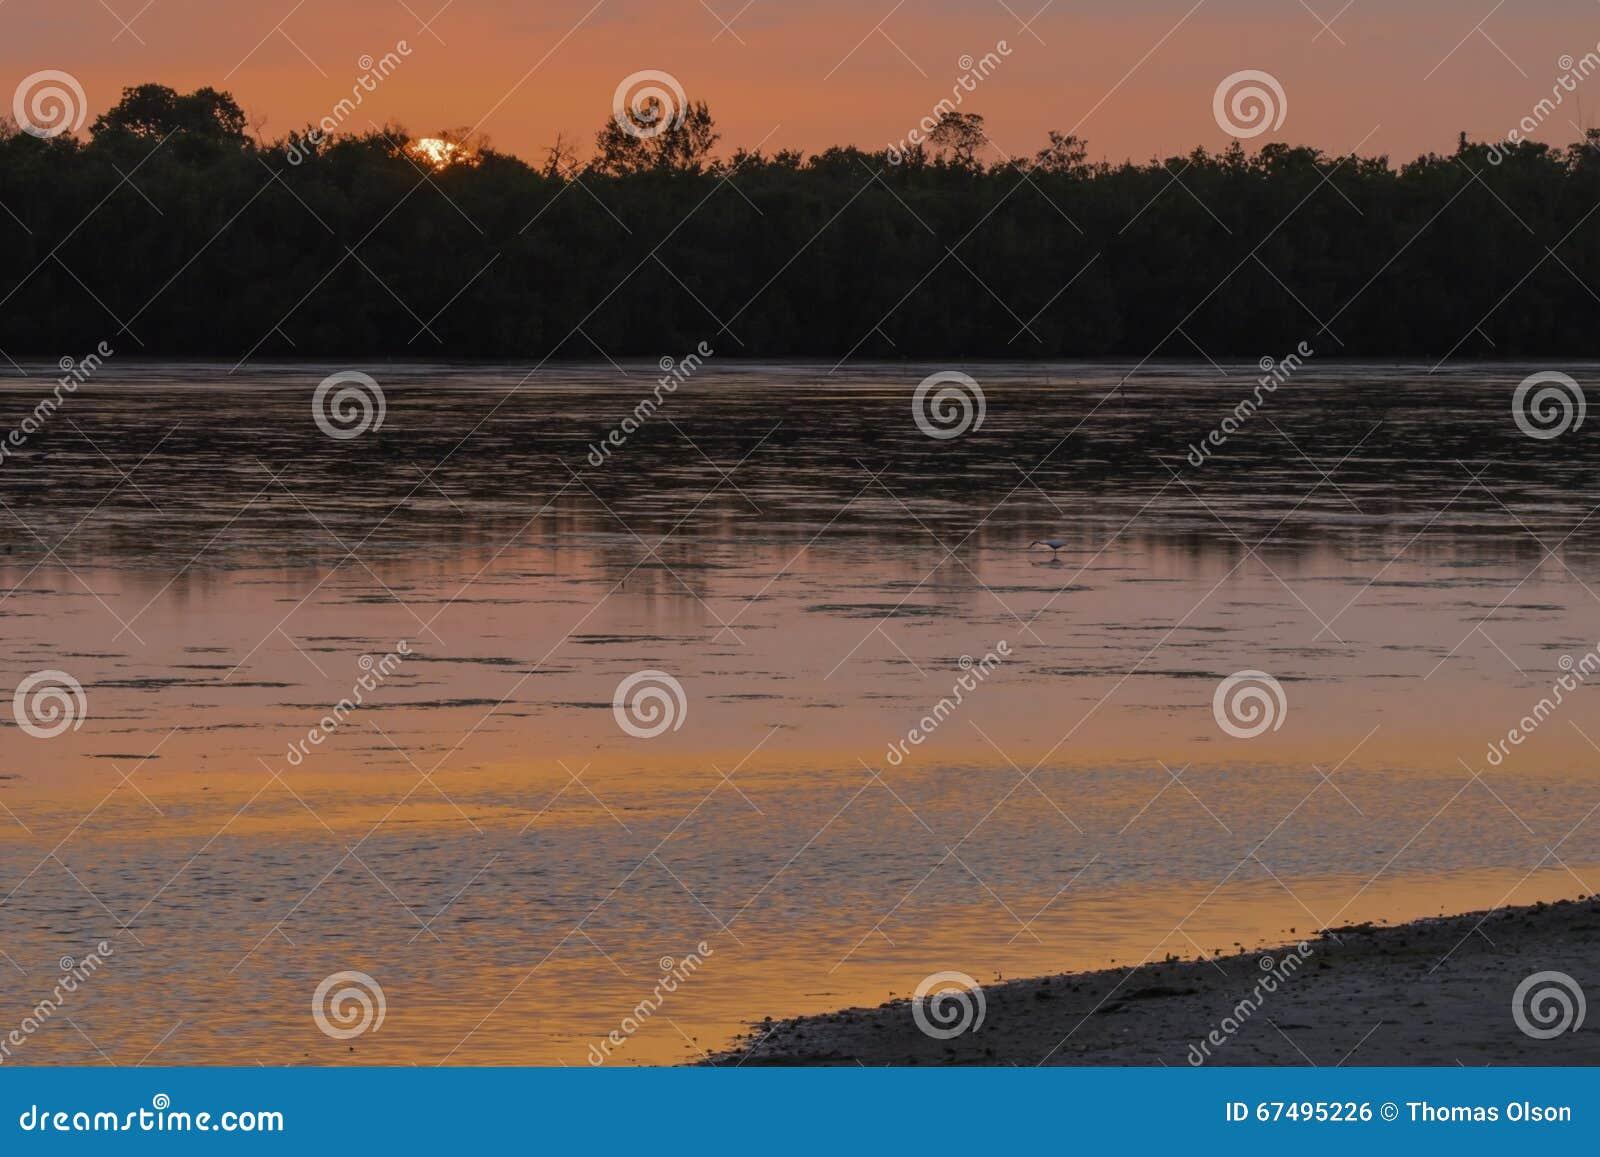 Pink Sunset at Ding Darling Wildlife Refuge